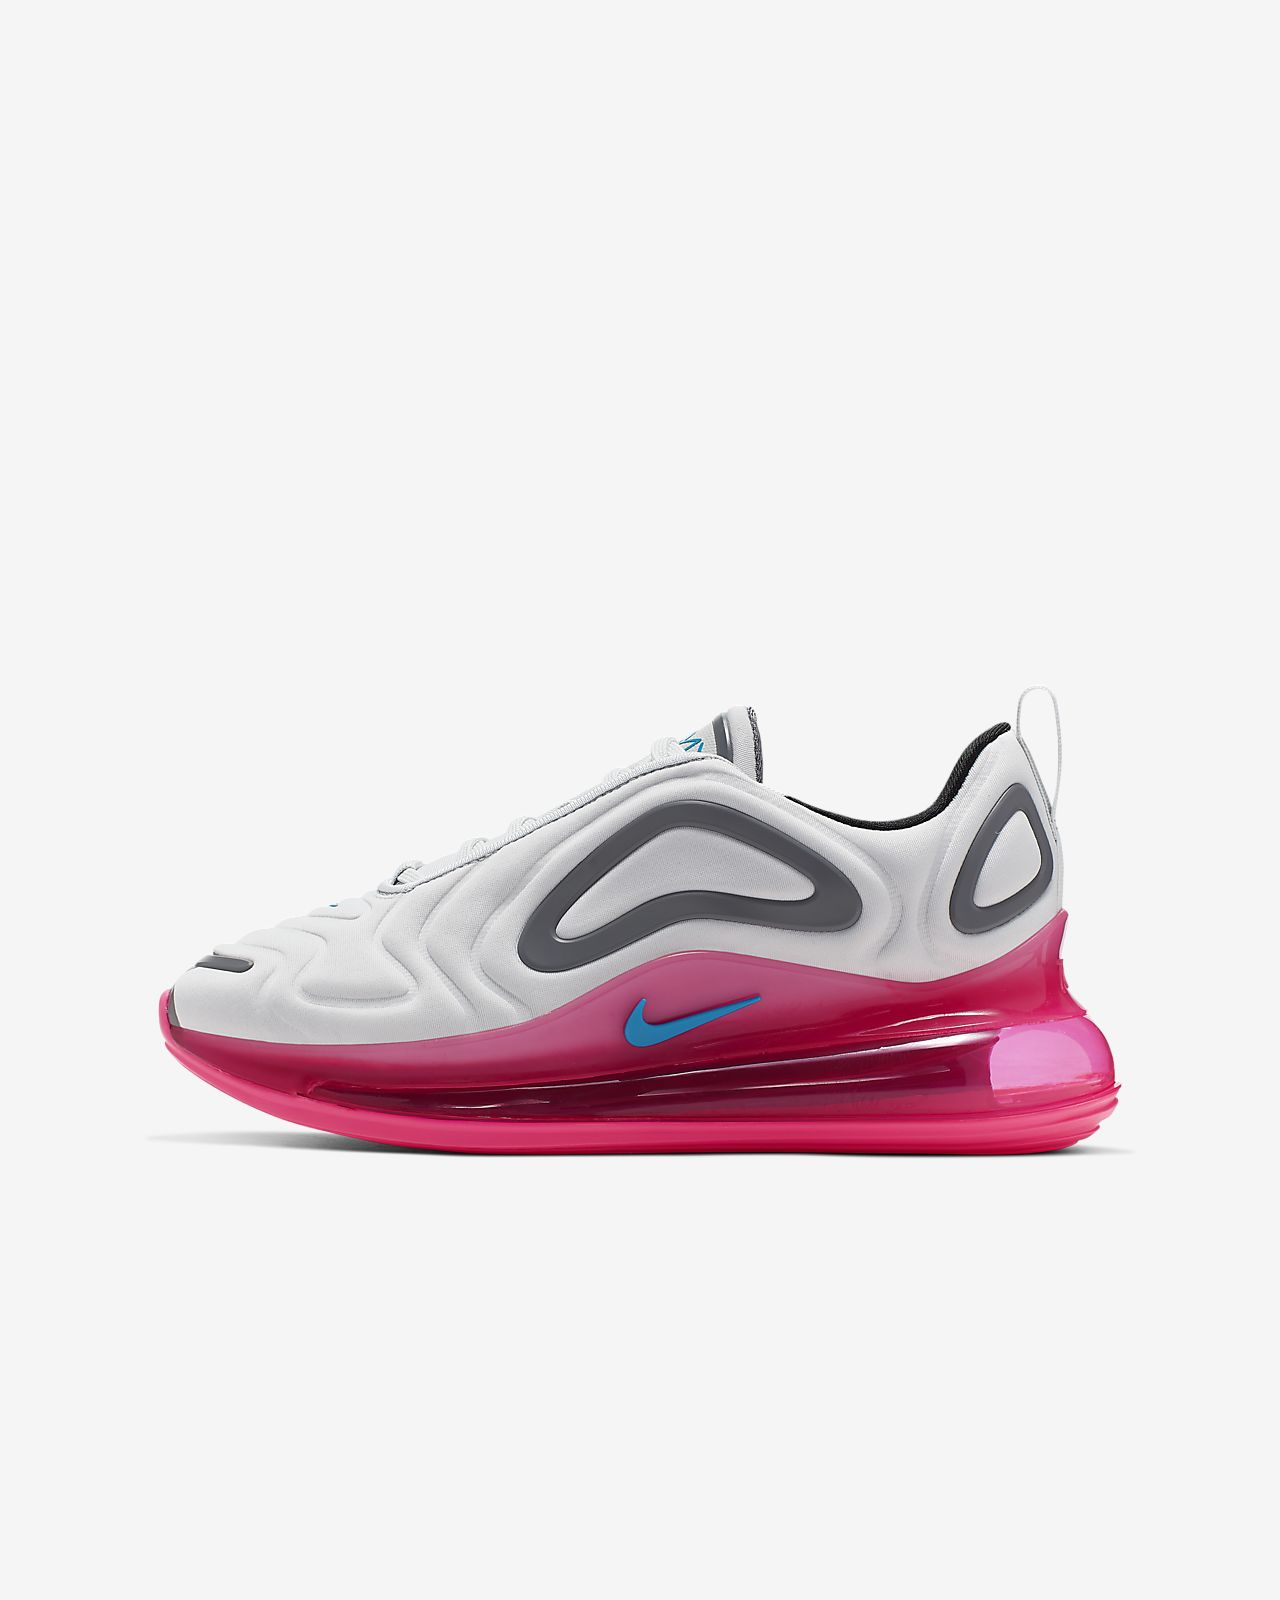 Scarpe Nike Little Air Max 95 Le Bambino Rosa [Nike